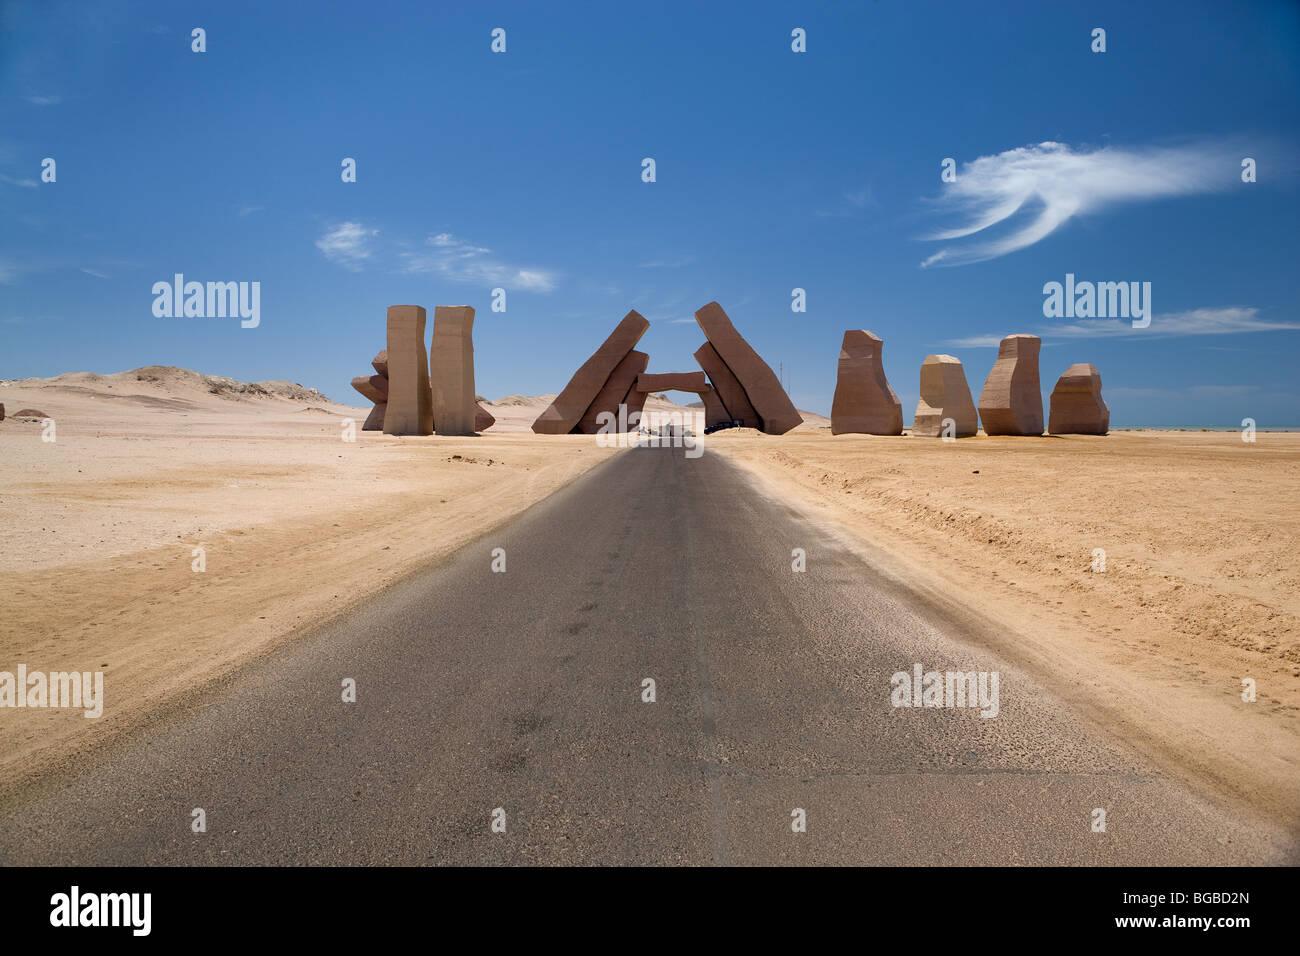 Africa, Egypt, Sharm el Sheikh, national park Ras Mohammed, entry monument, colors, sky, desert, - Stock Image